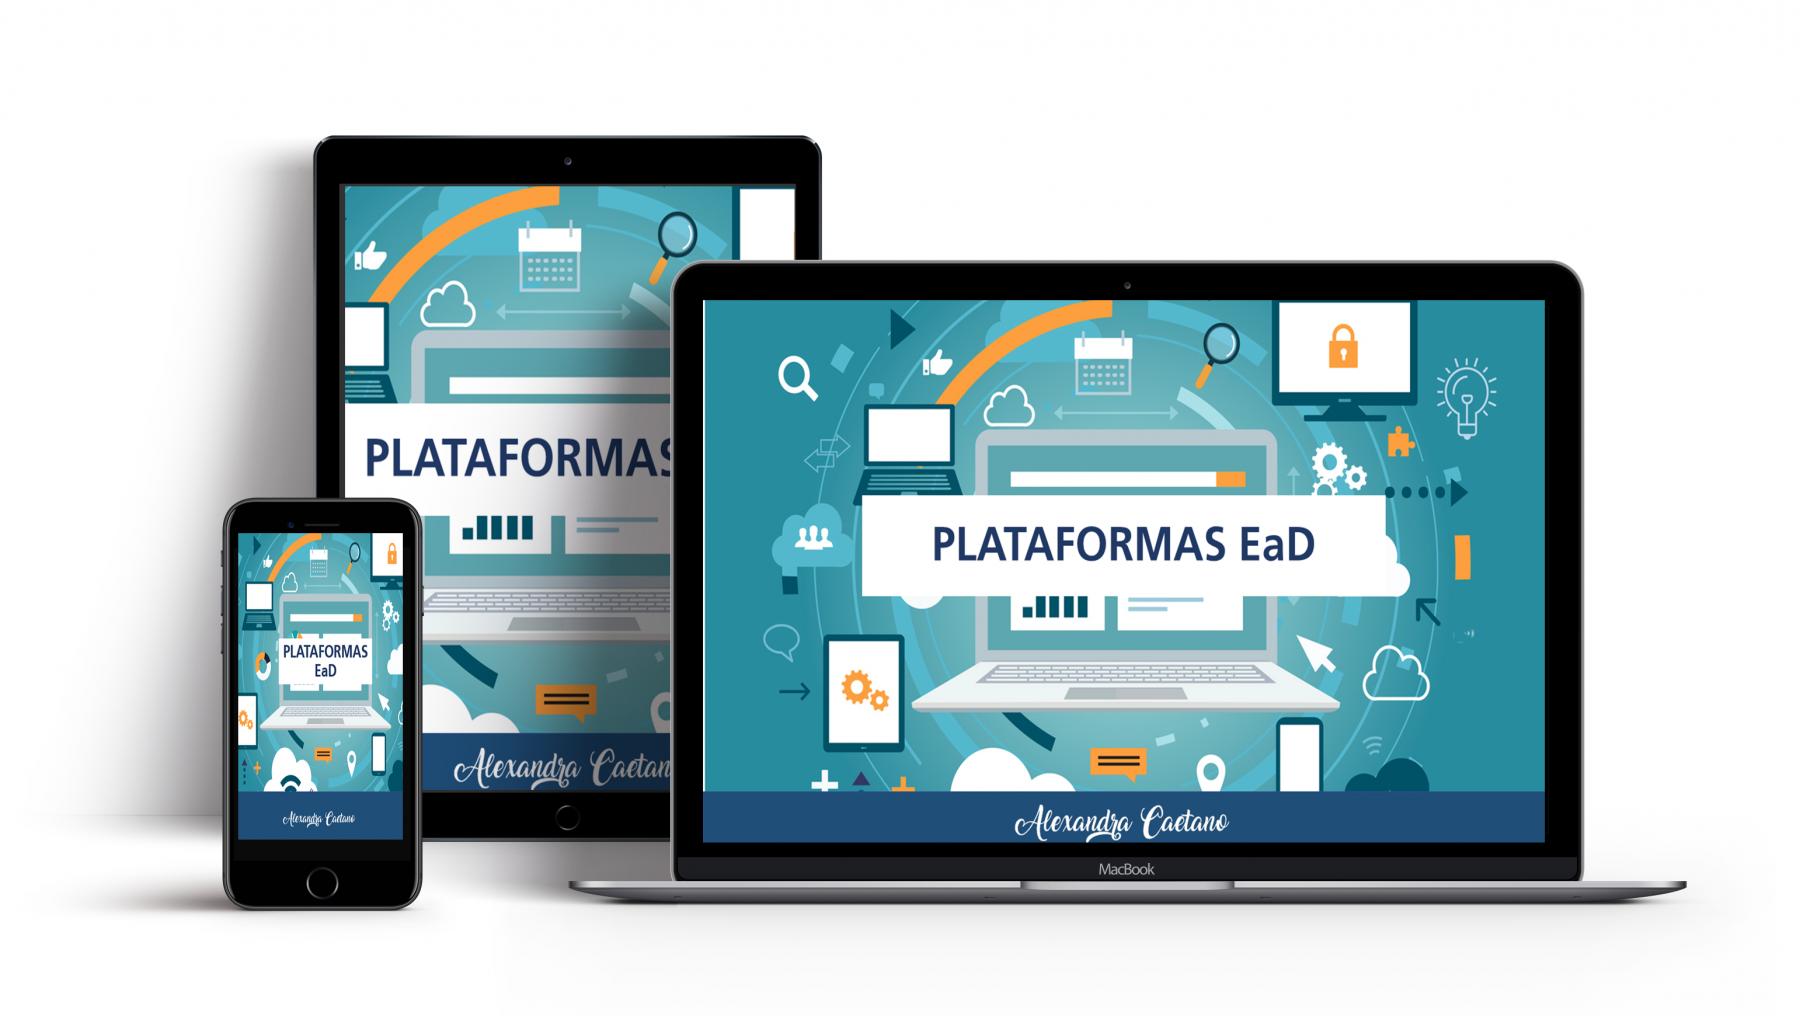 plataforma_ead